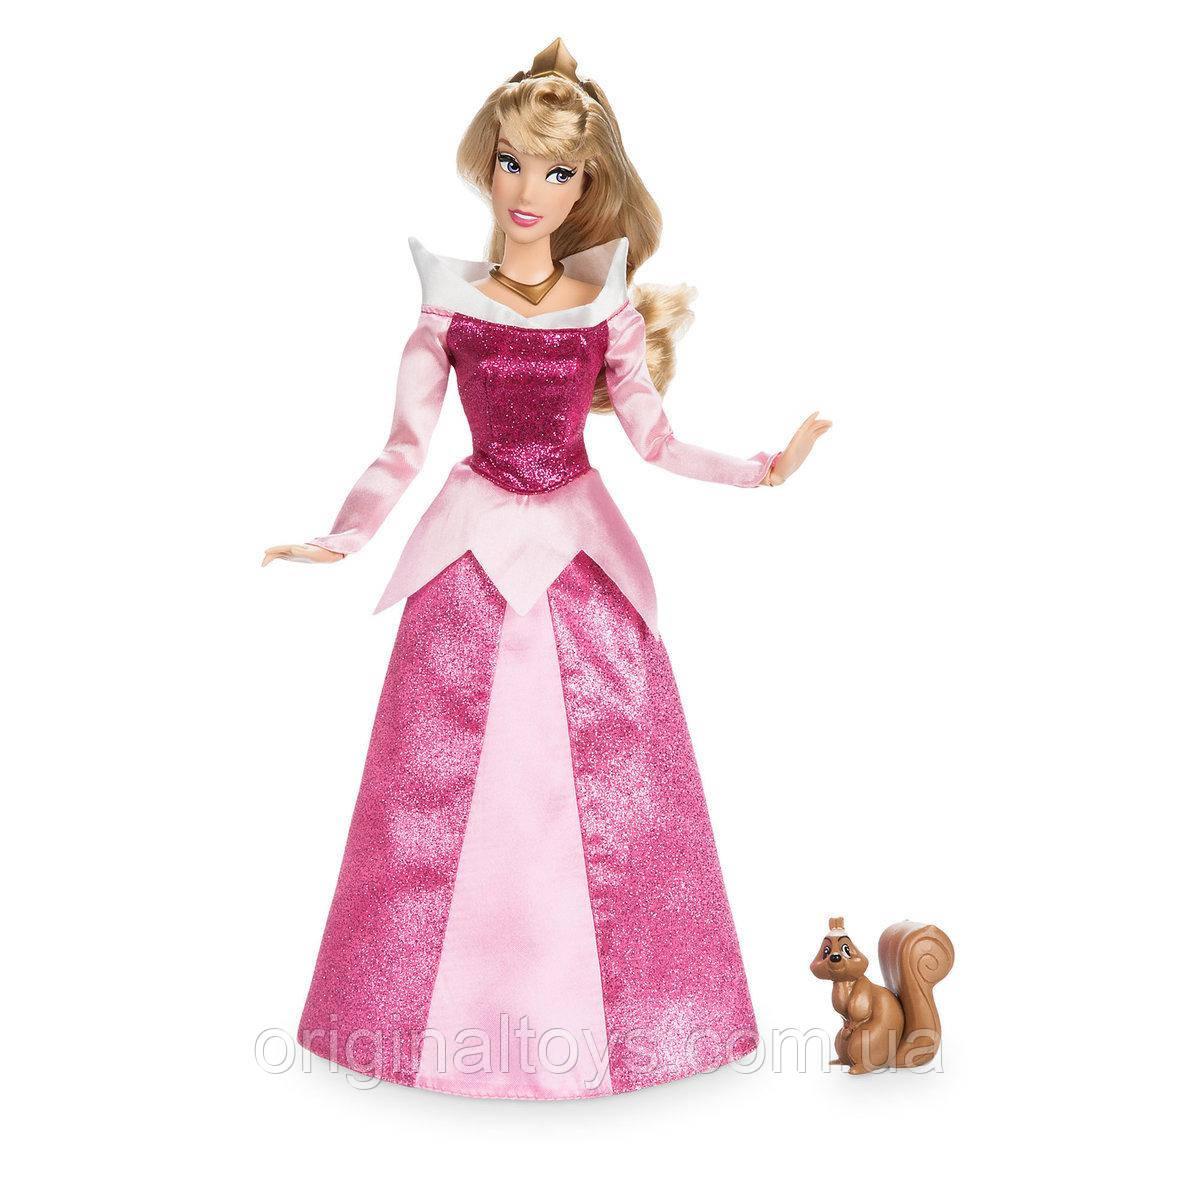 Кукла Принцесса Аврора Дисней